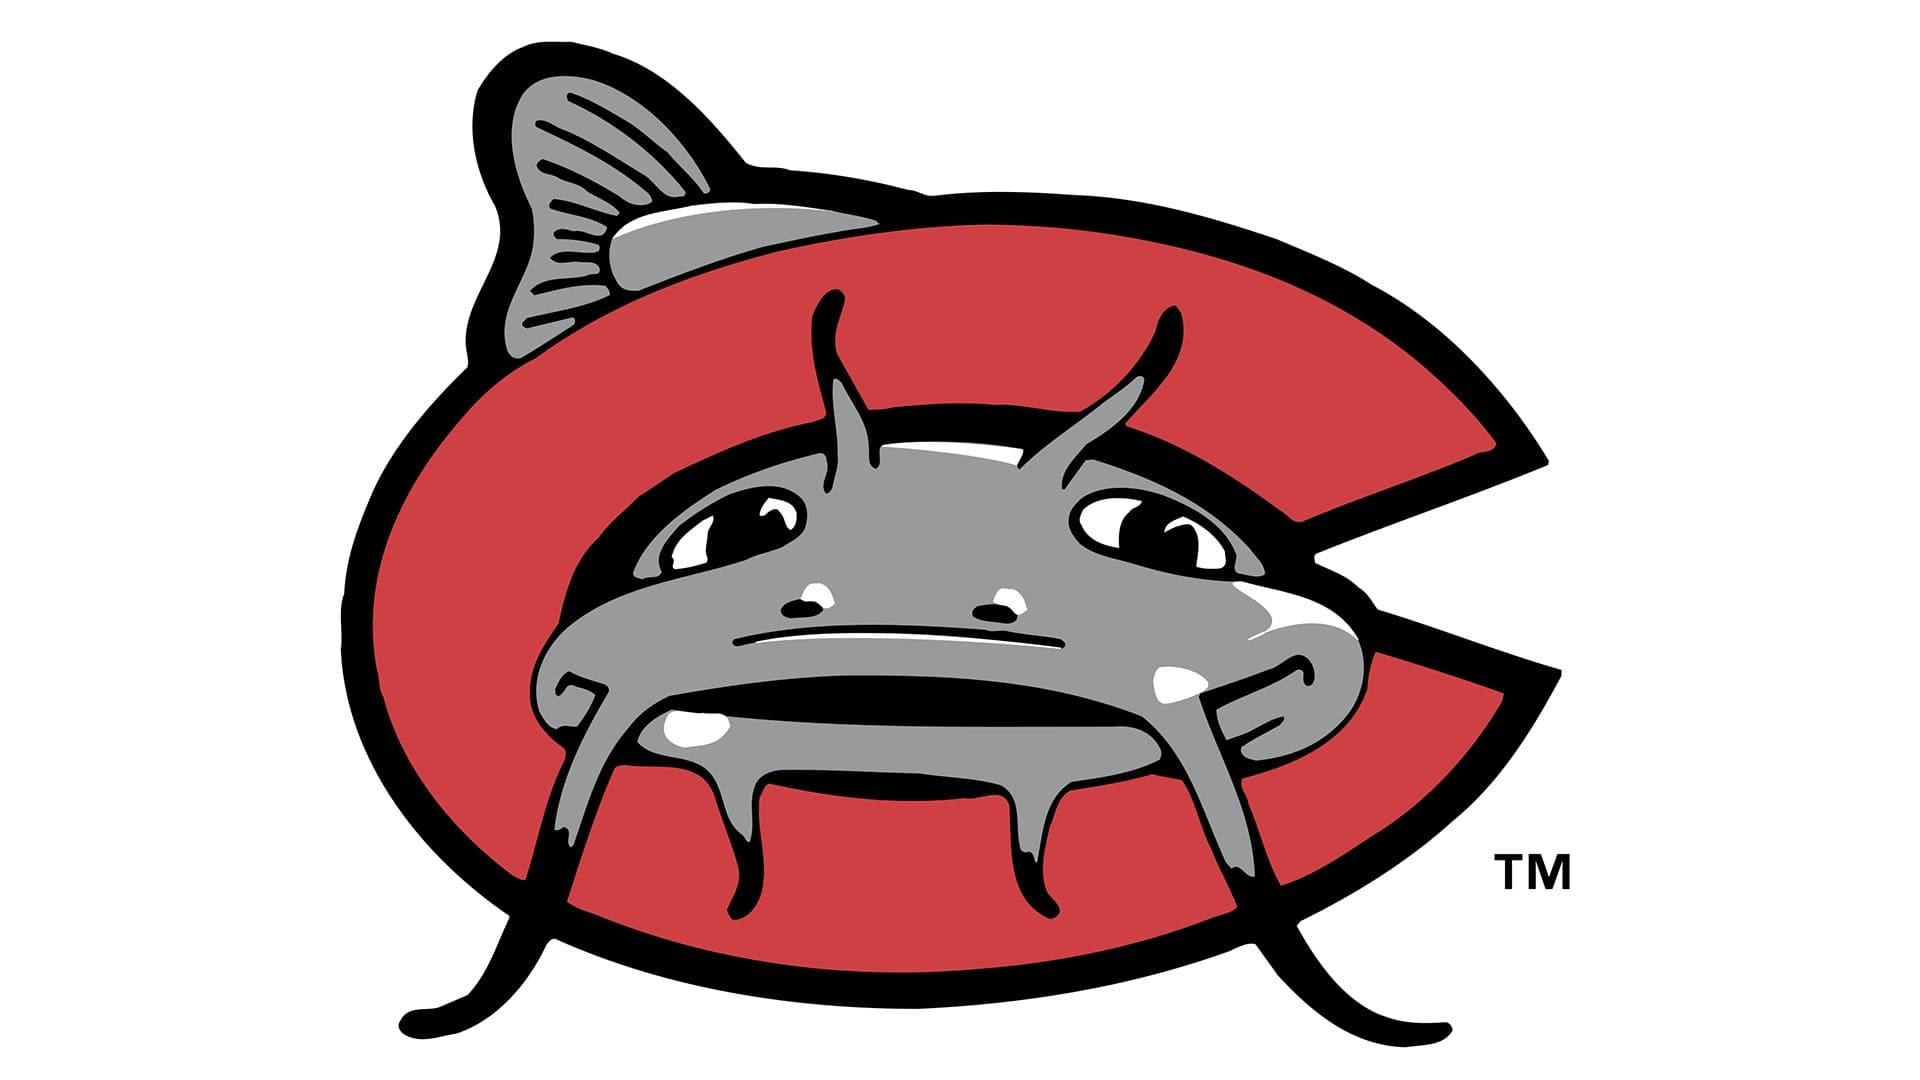 Carolina Mudcats logo and symbol, meaning, history, PNG